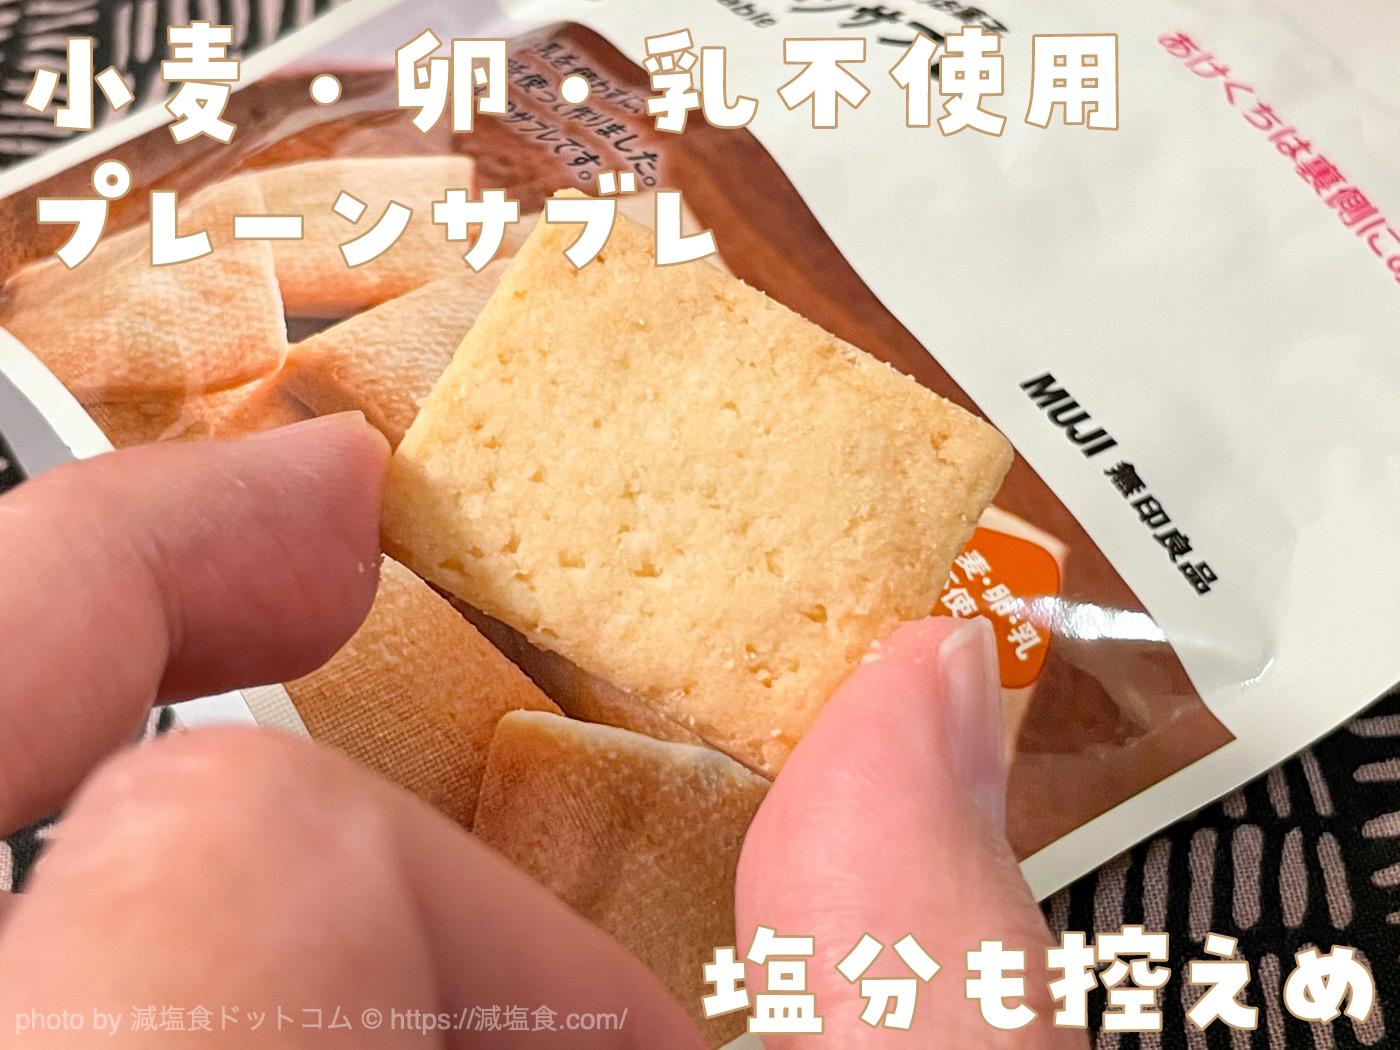 無印良品 小麦・卵・乳不使用 サブレ